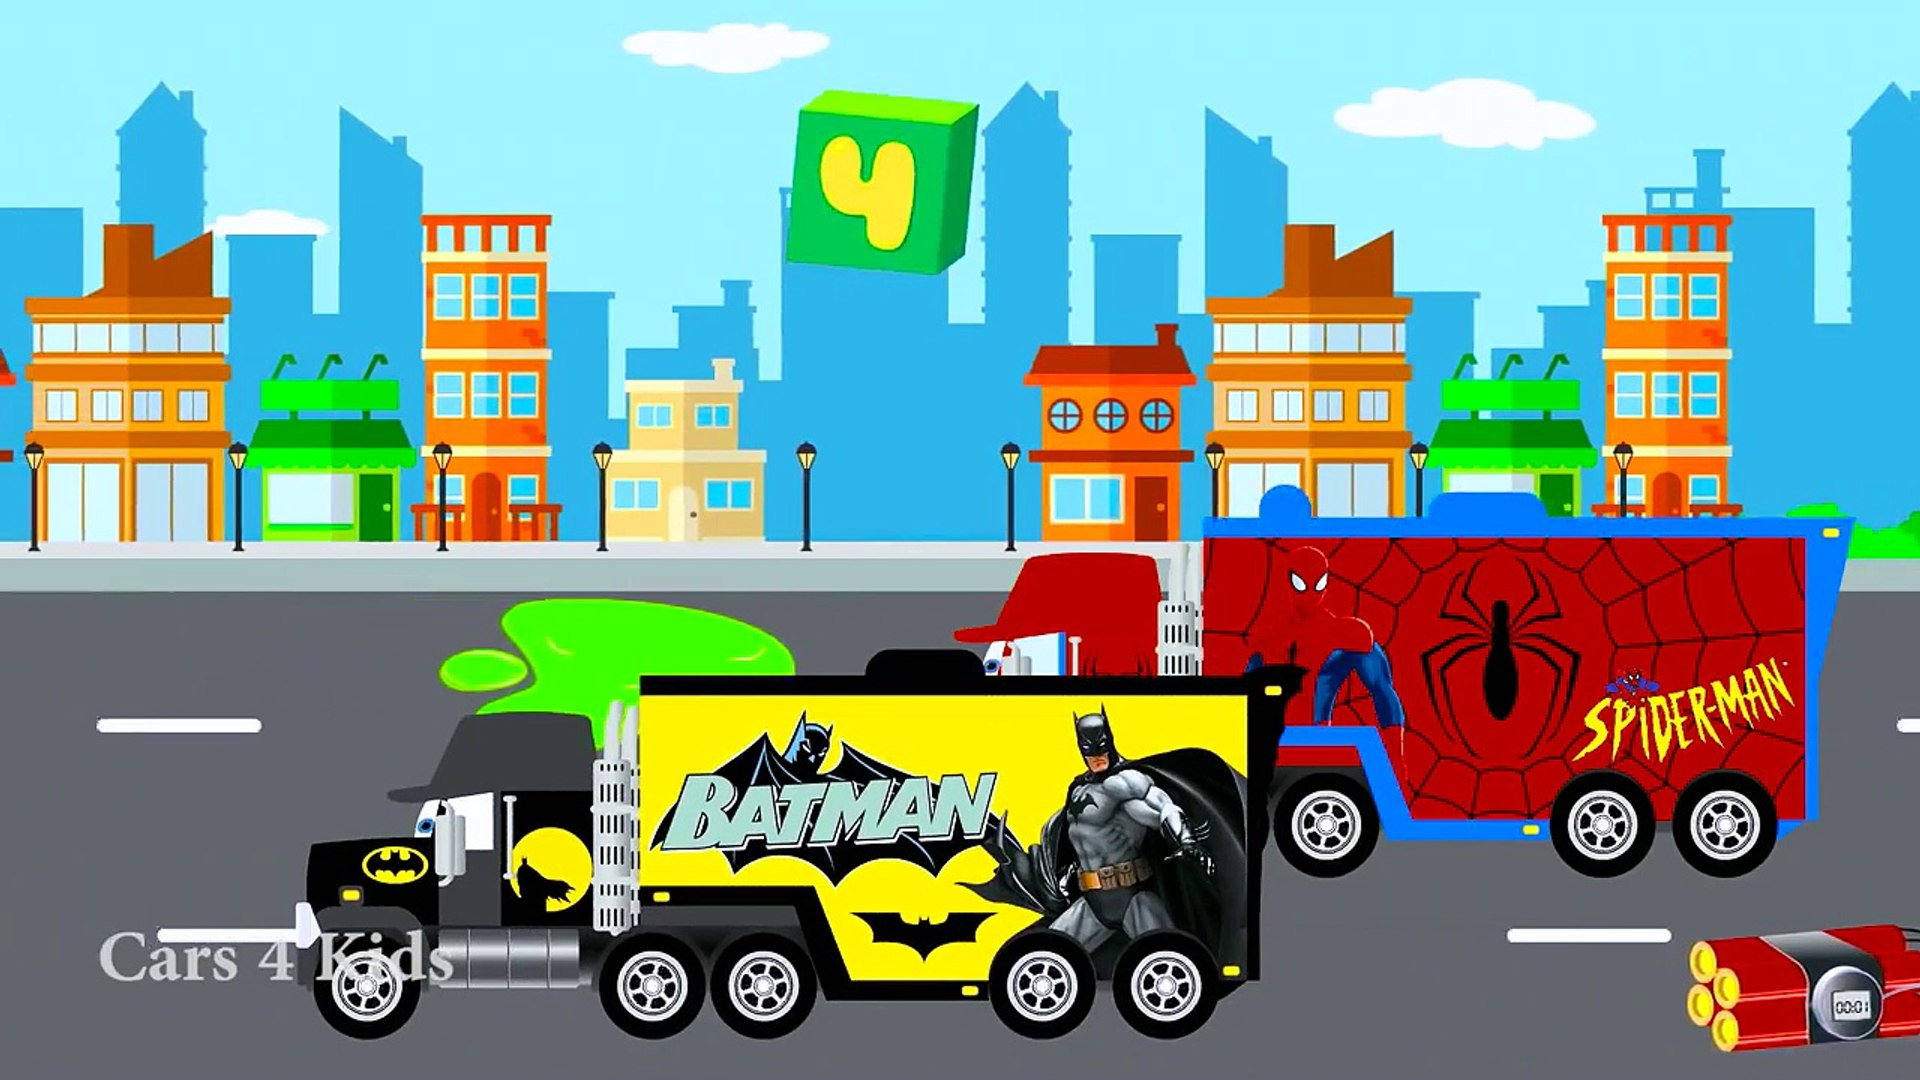 تعلم فيشيكلس للأطفال الحضانة القوافي والسيارات تعلم الفيديو التعليمي ث اللون للأطفال